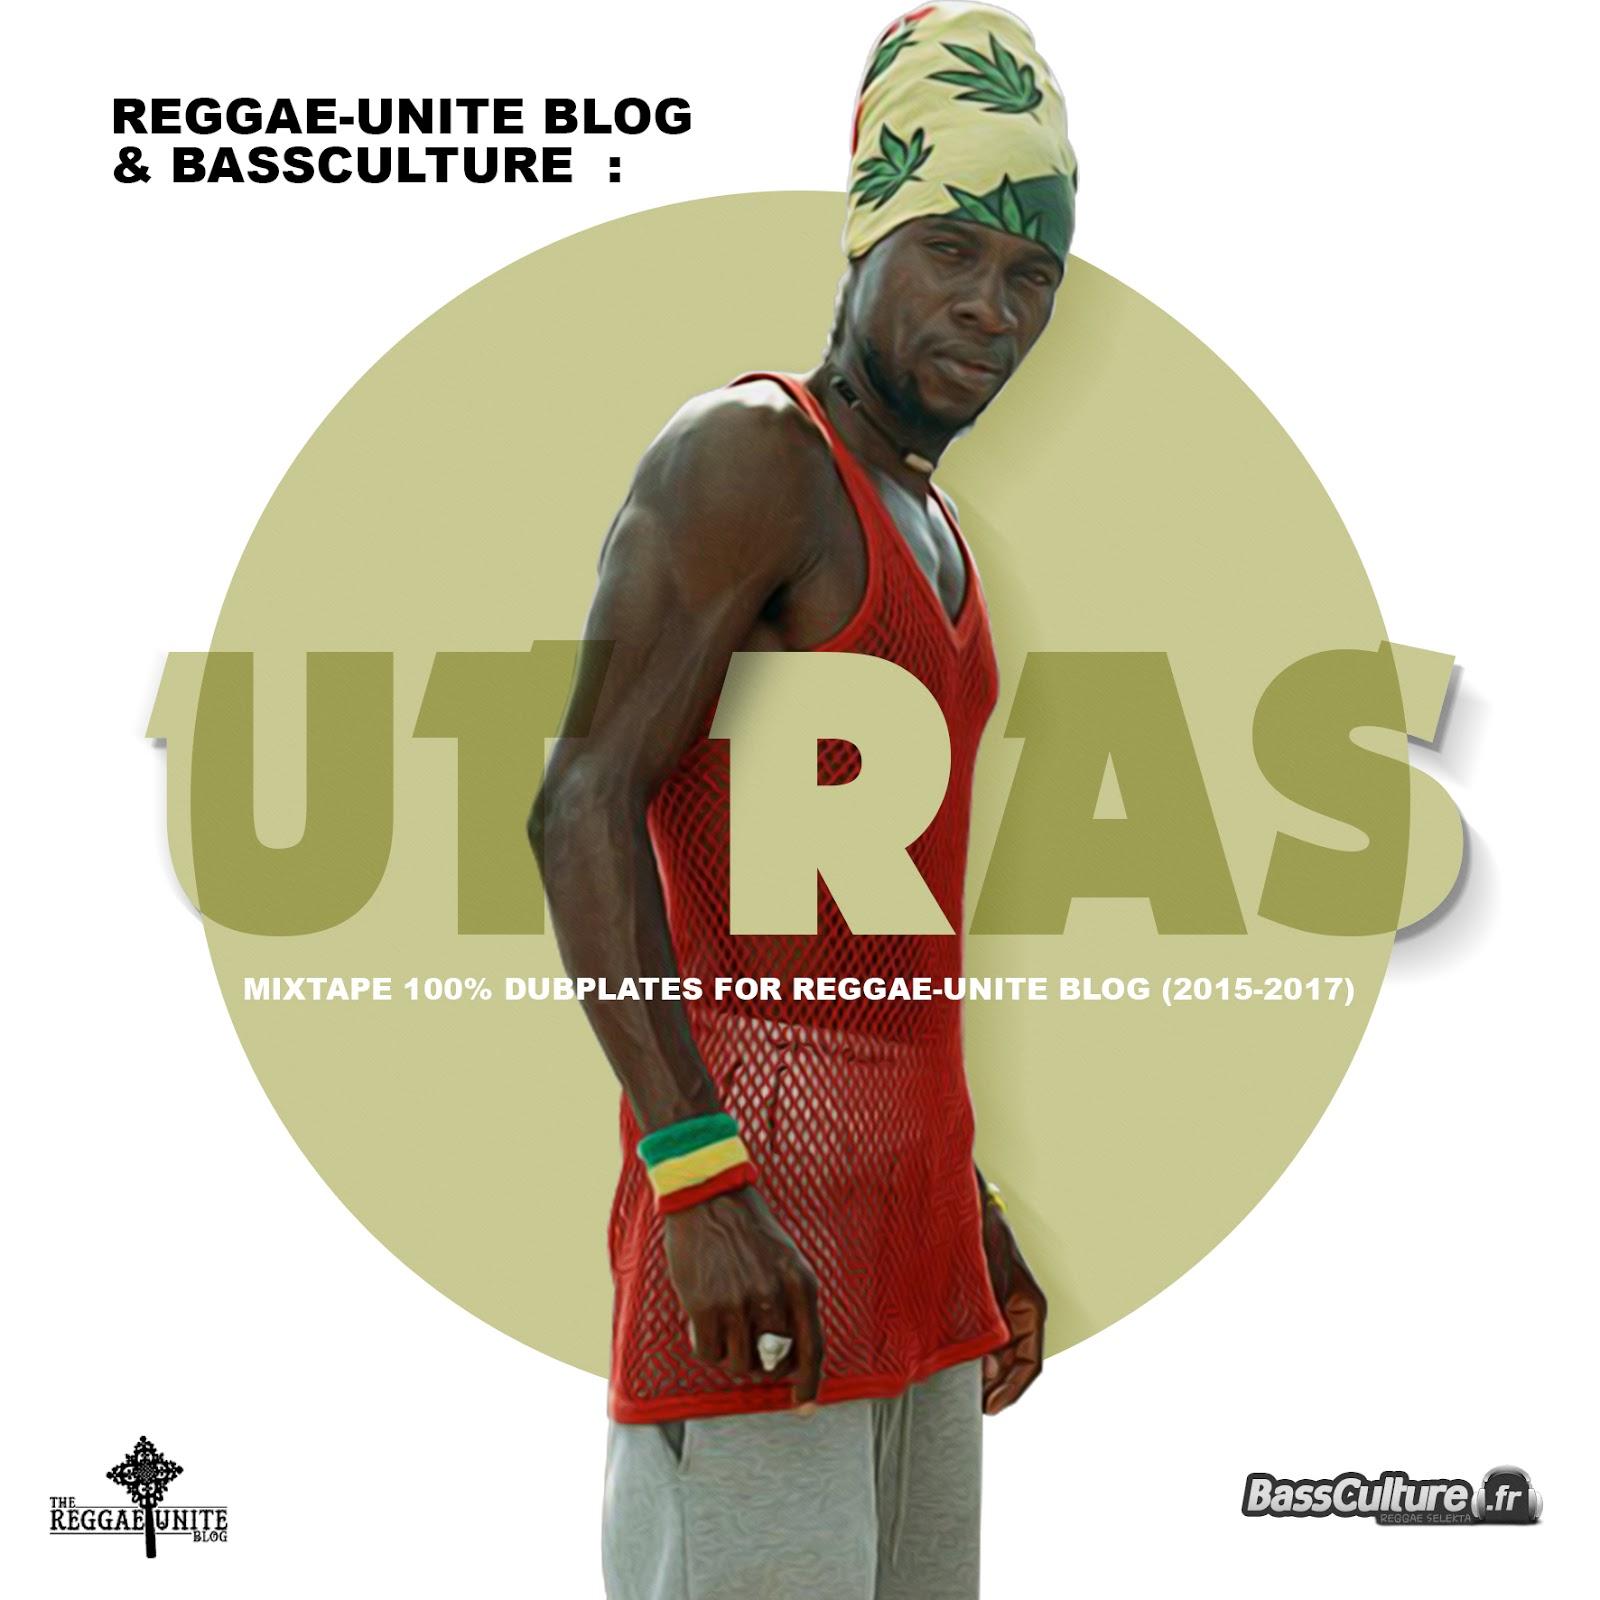 Ut-Ras - 100% Dubplates for Reggae-Unite Blog